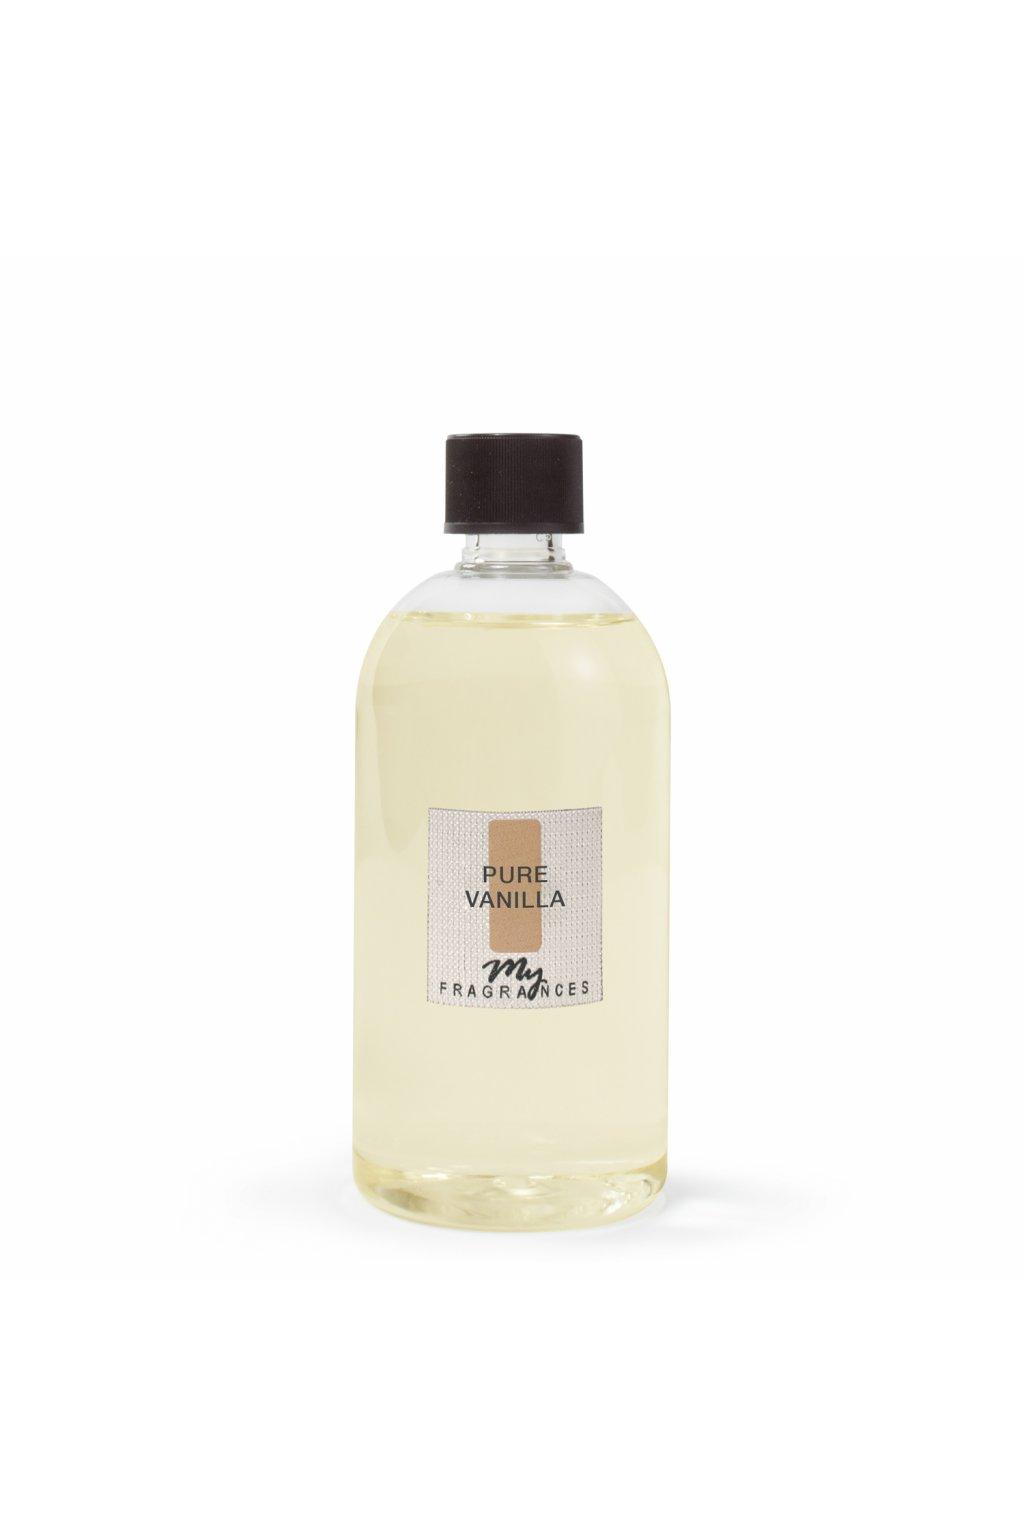 573 myf napln pro aromaticky difuzer pure vanila vanilka z madagaskaru 500ml